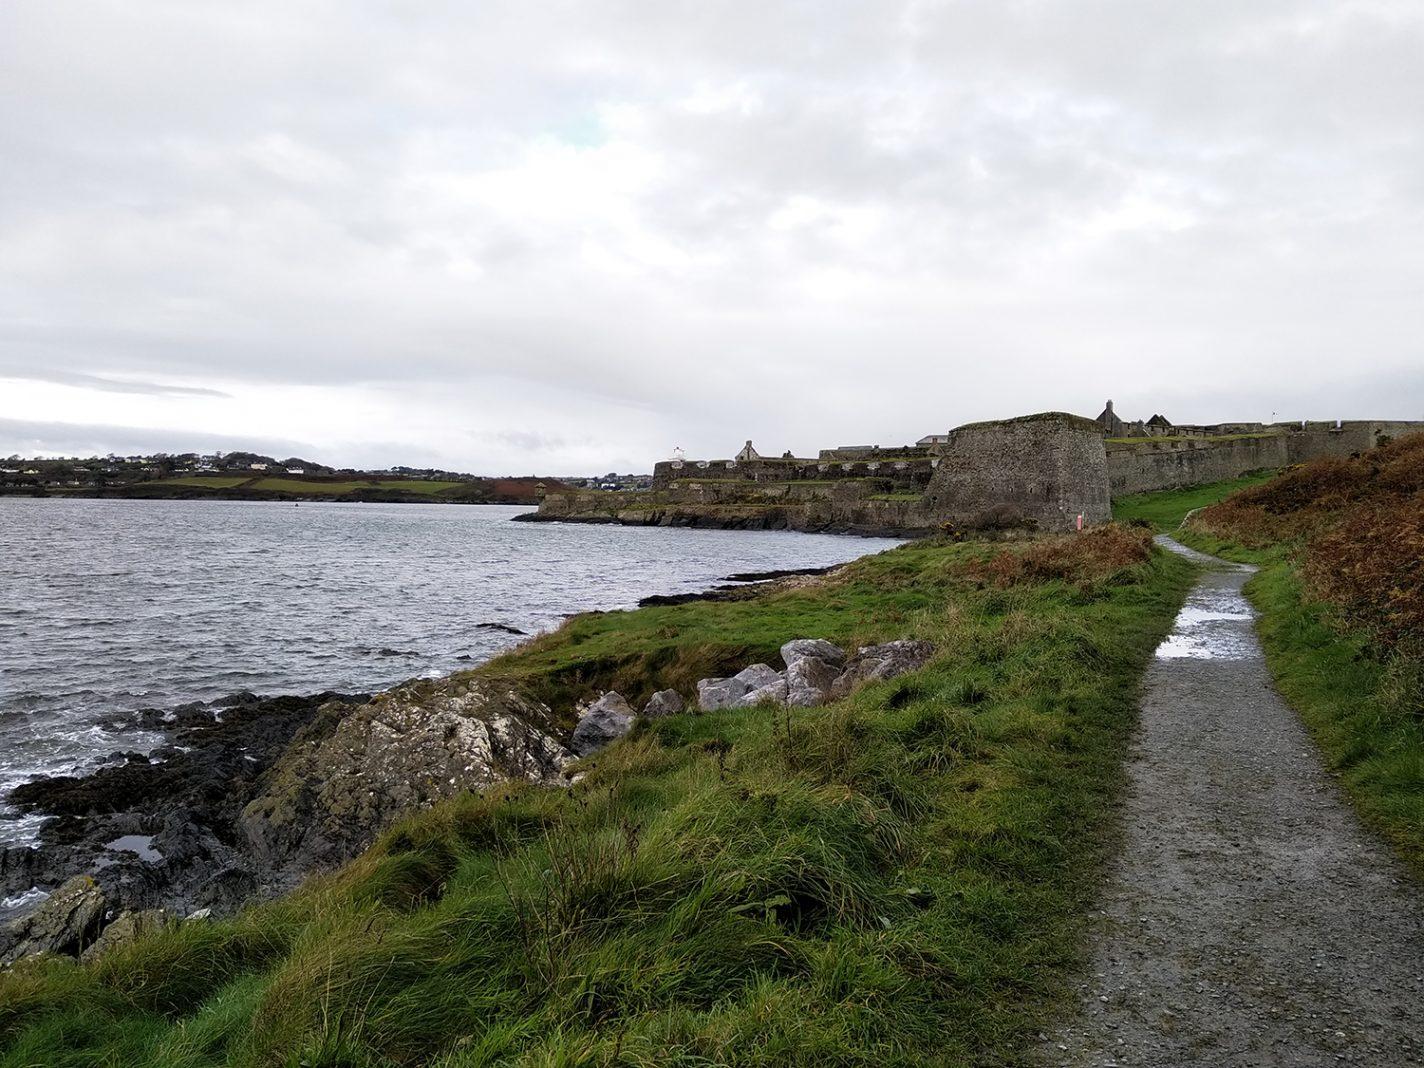 Wandelen langs het water (fort en kinsale op achtergrond)